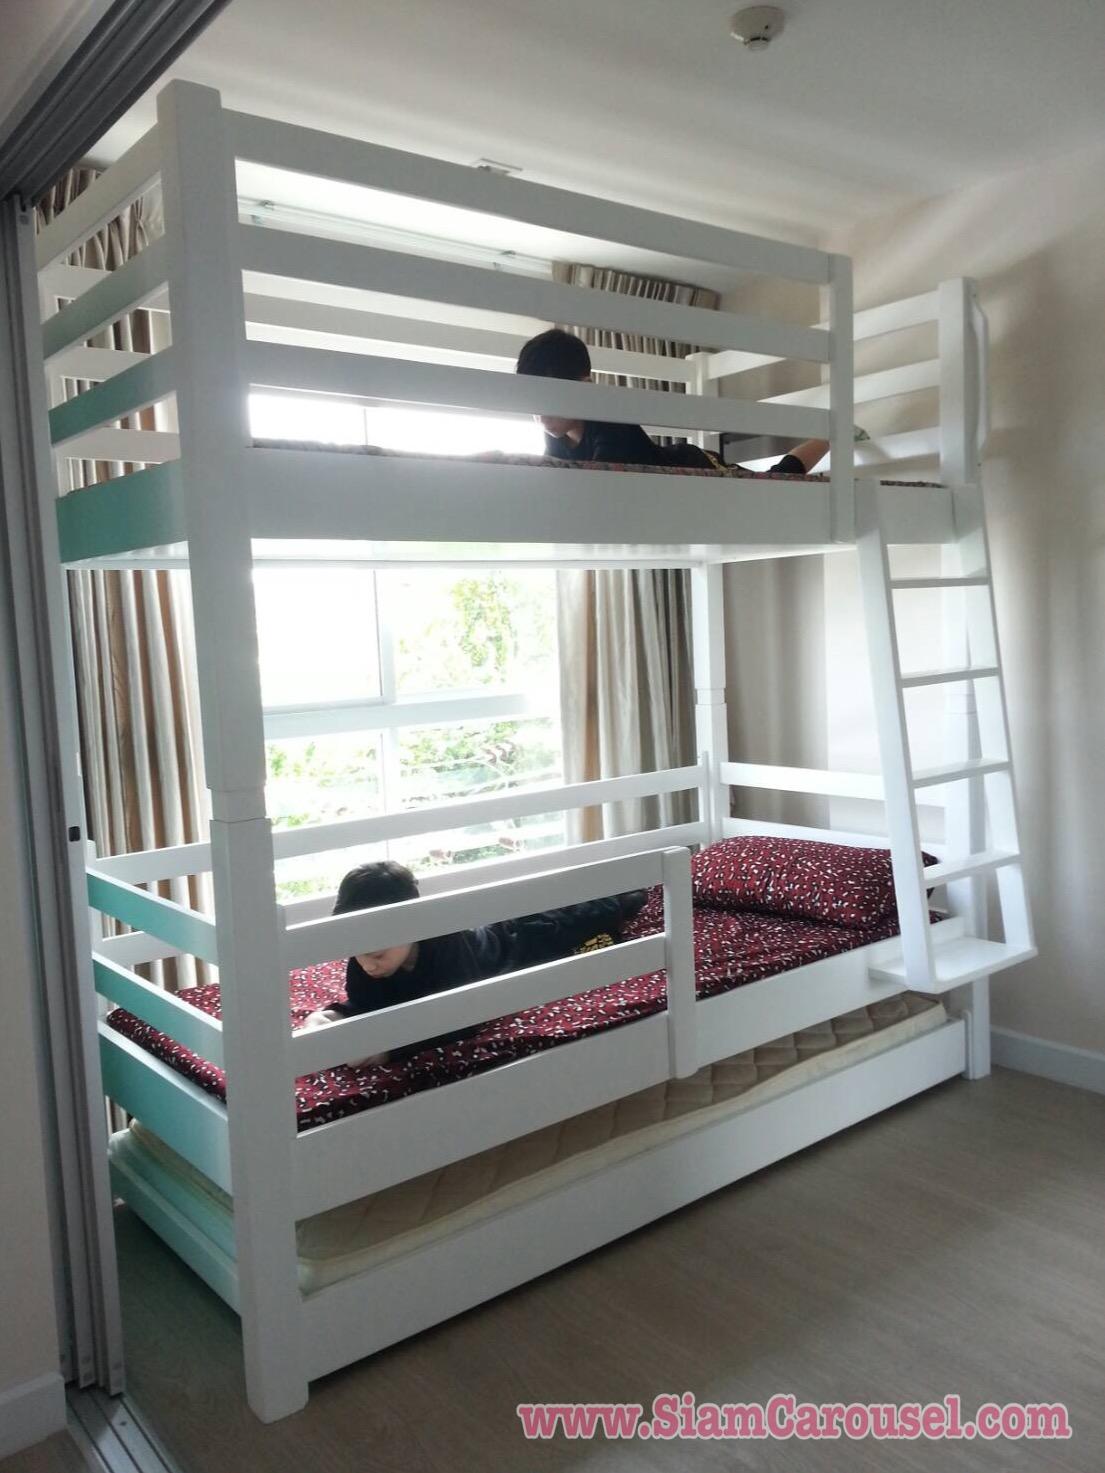 เตียง 3 ชั้น ของคุณปลา คอนโดเมโทรลักซ์ อินทมาระ14